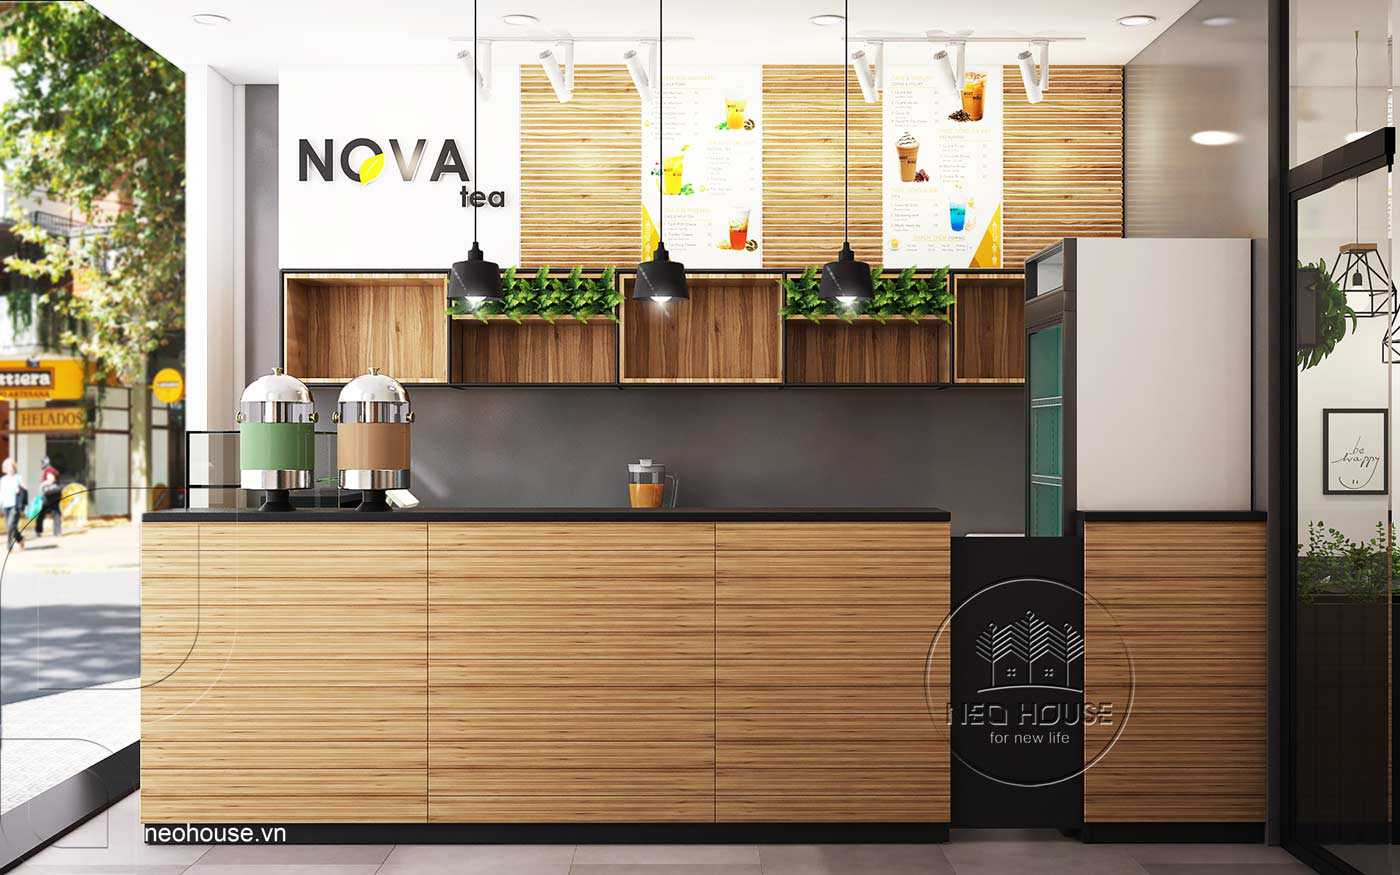 Mẫu thiết kế nội thất quán trà sữa Nova Tea. Ảnh 6